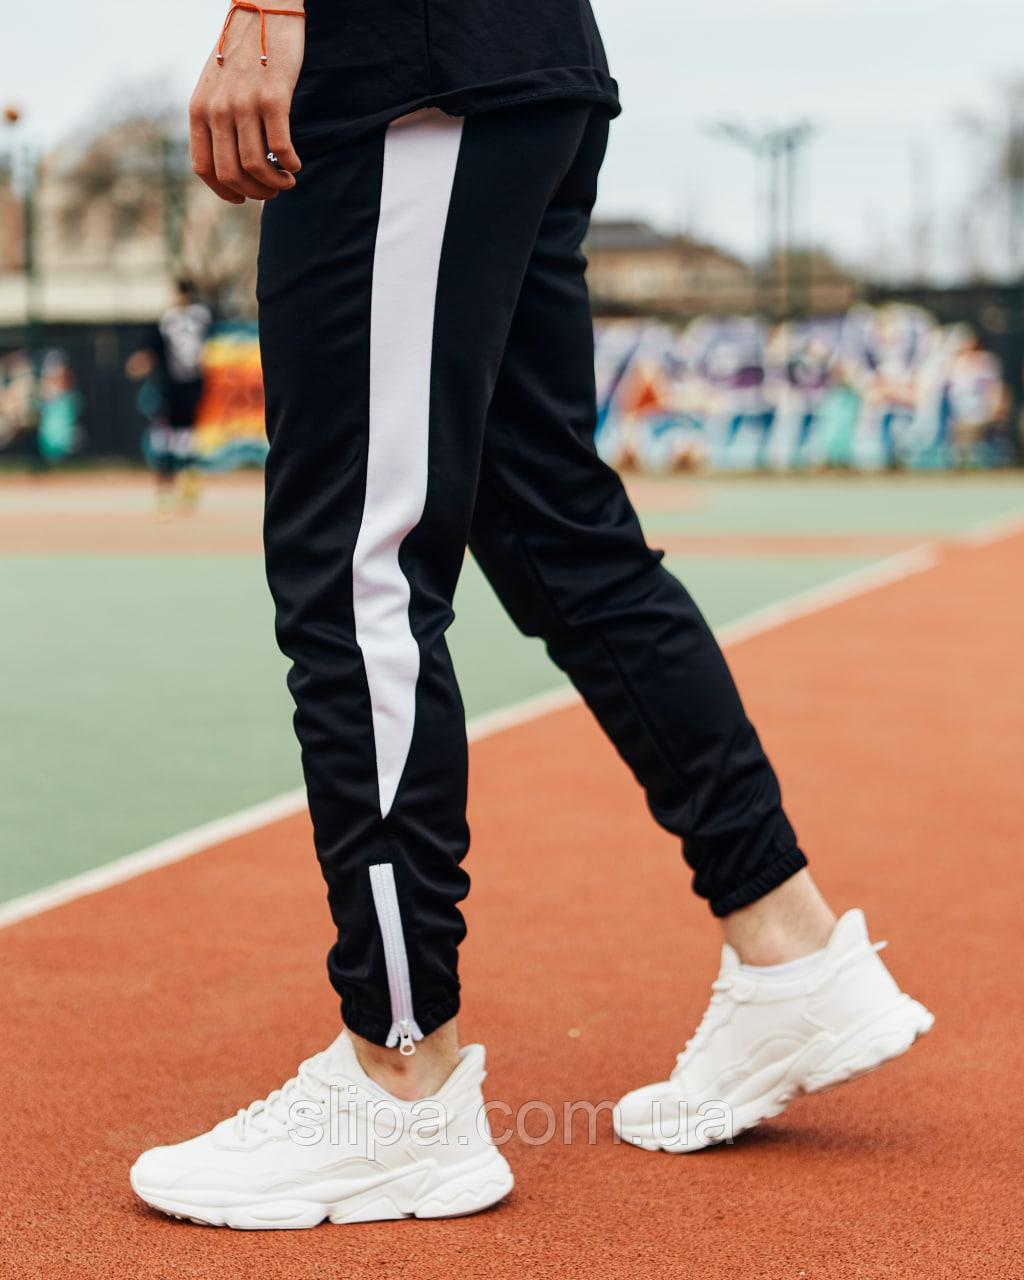 Чорні спортивні штани з білим лампасом   креп-дайвінг   унизу на блискавці